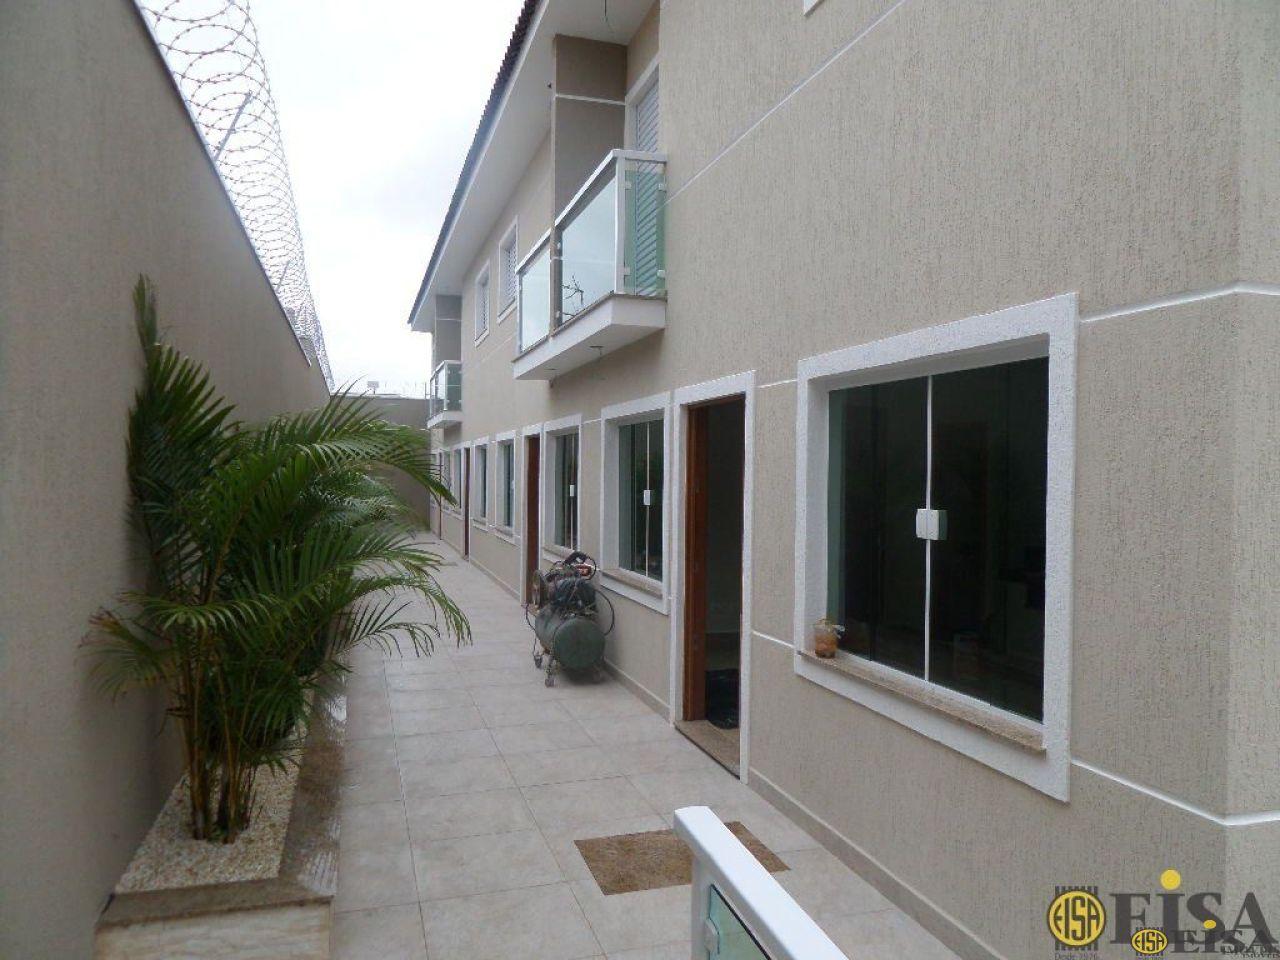 LOCAÇÃO | CONDOMíNIO - Parque Edu Chaves - 3 dormitórios - 2 Vagas - 82m² - CÓD:EJ5091